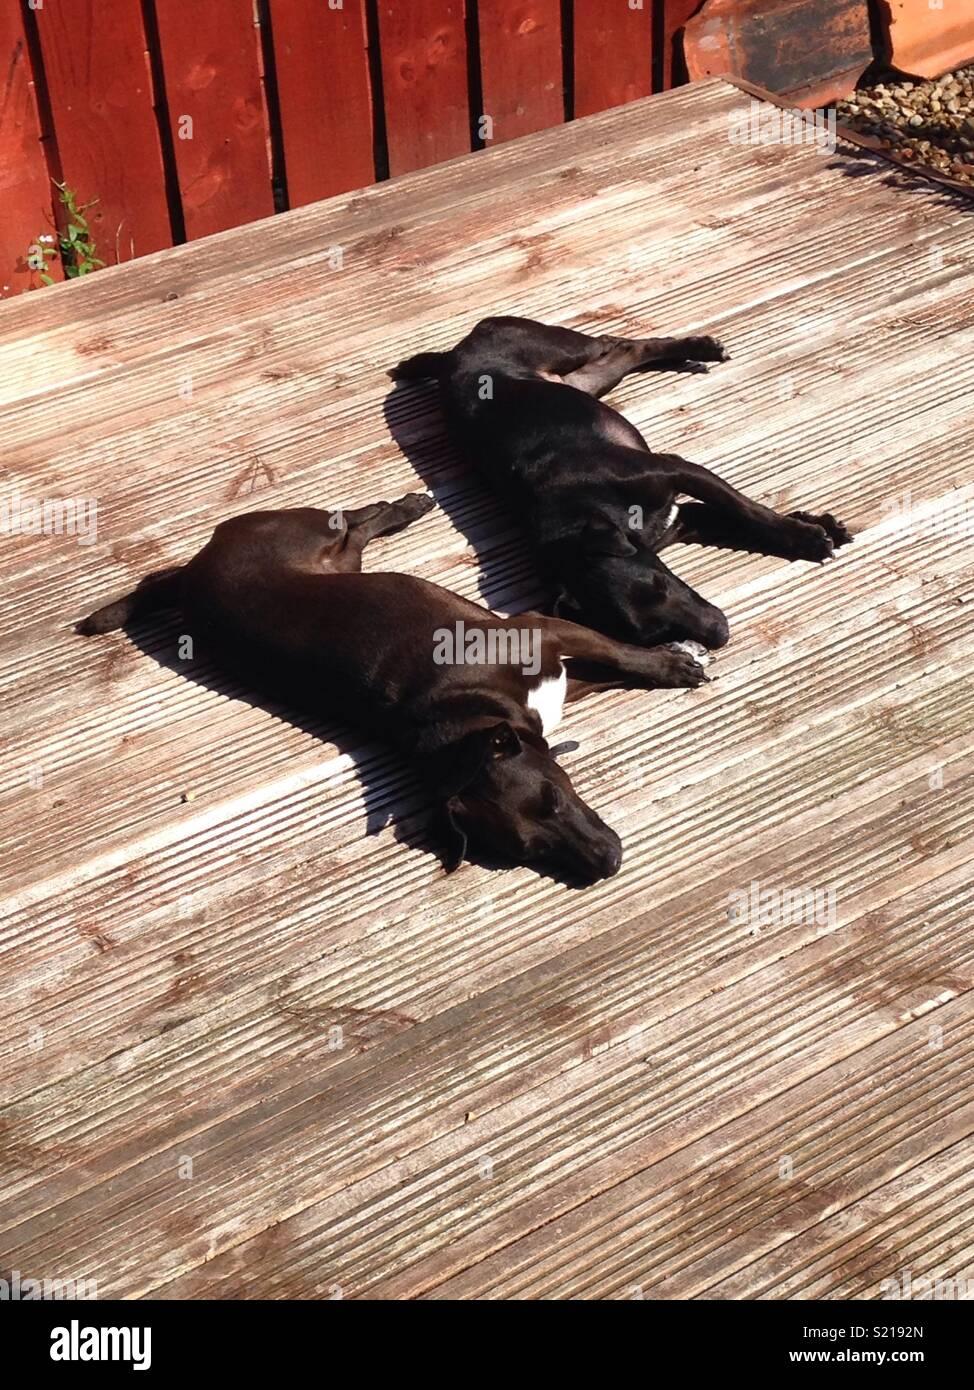 Sleeping patterdale terriers - Stock Image